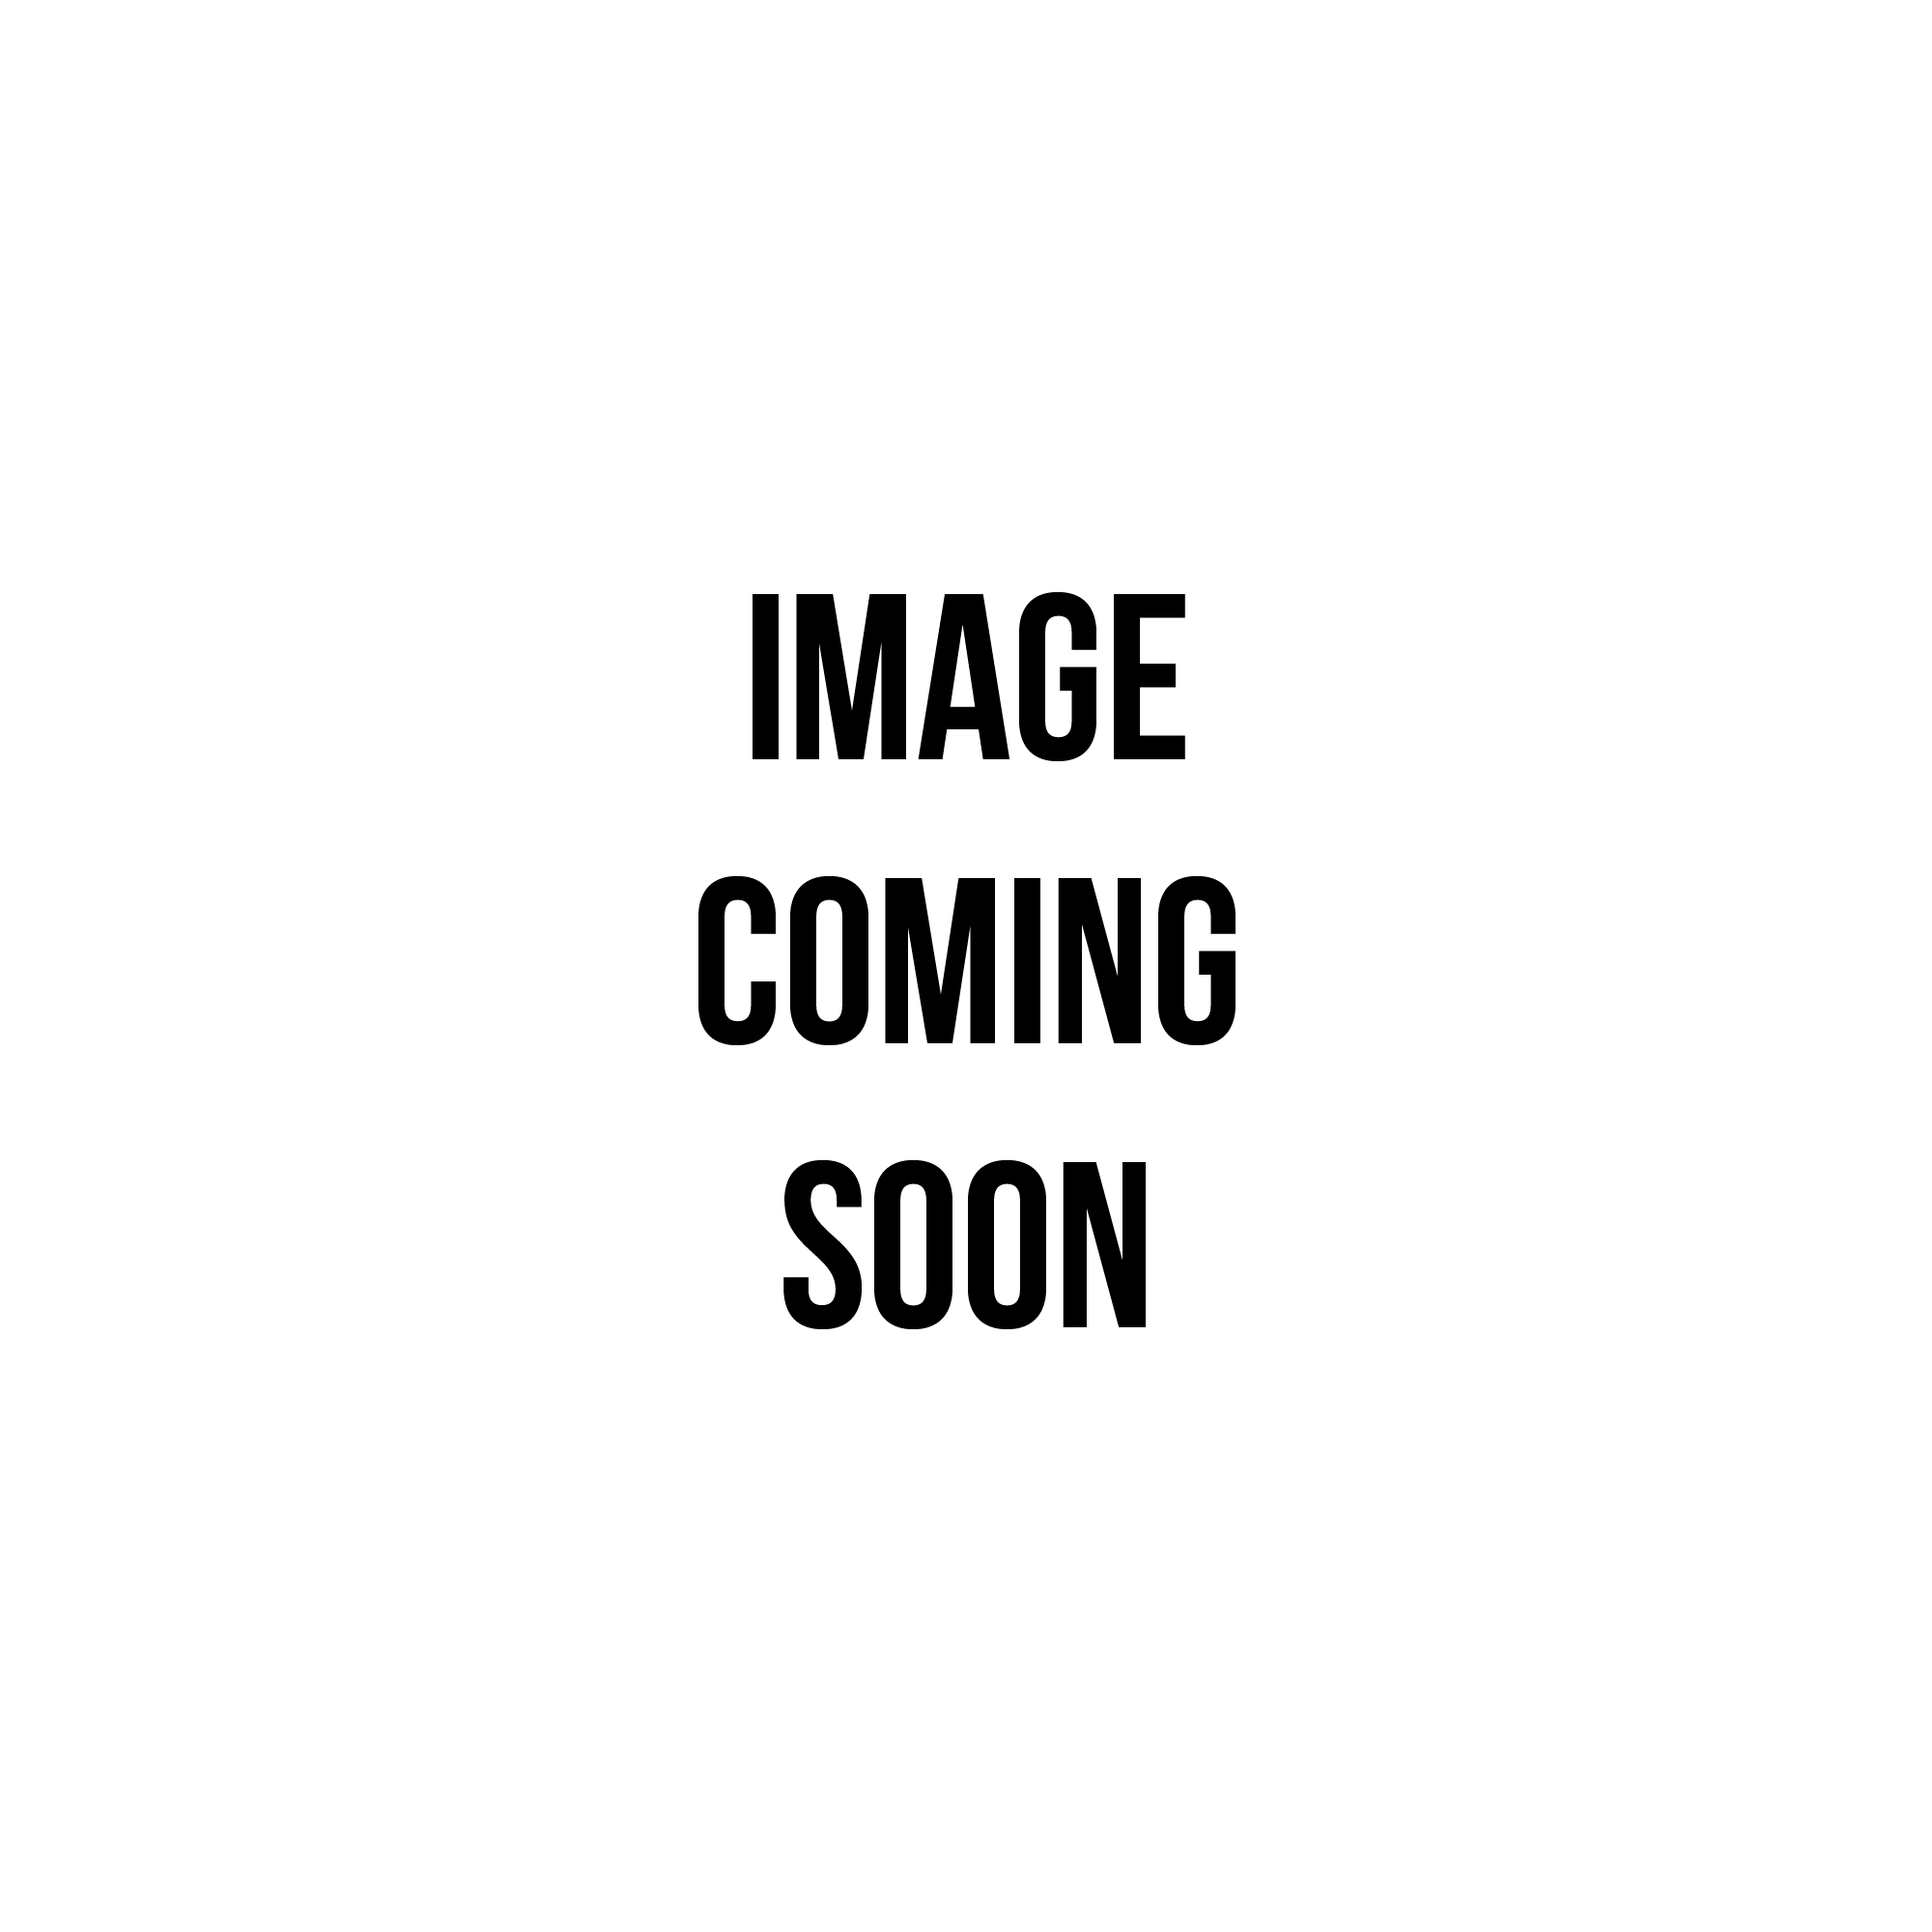 Air Jordan 23/7 Chemise Nice SAHrW88u